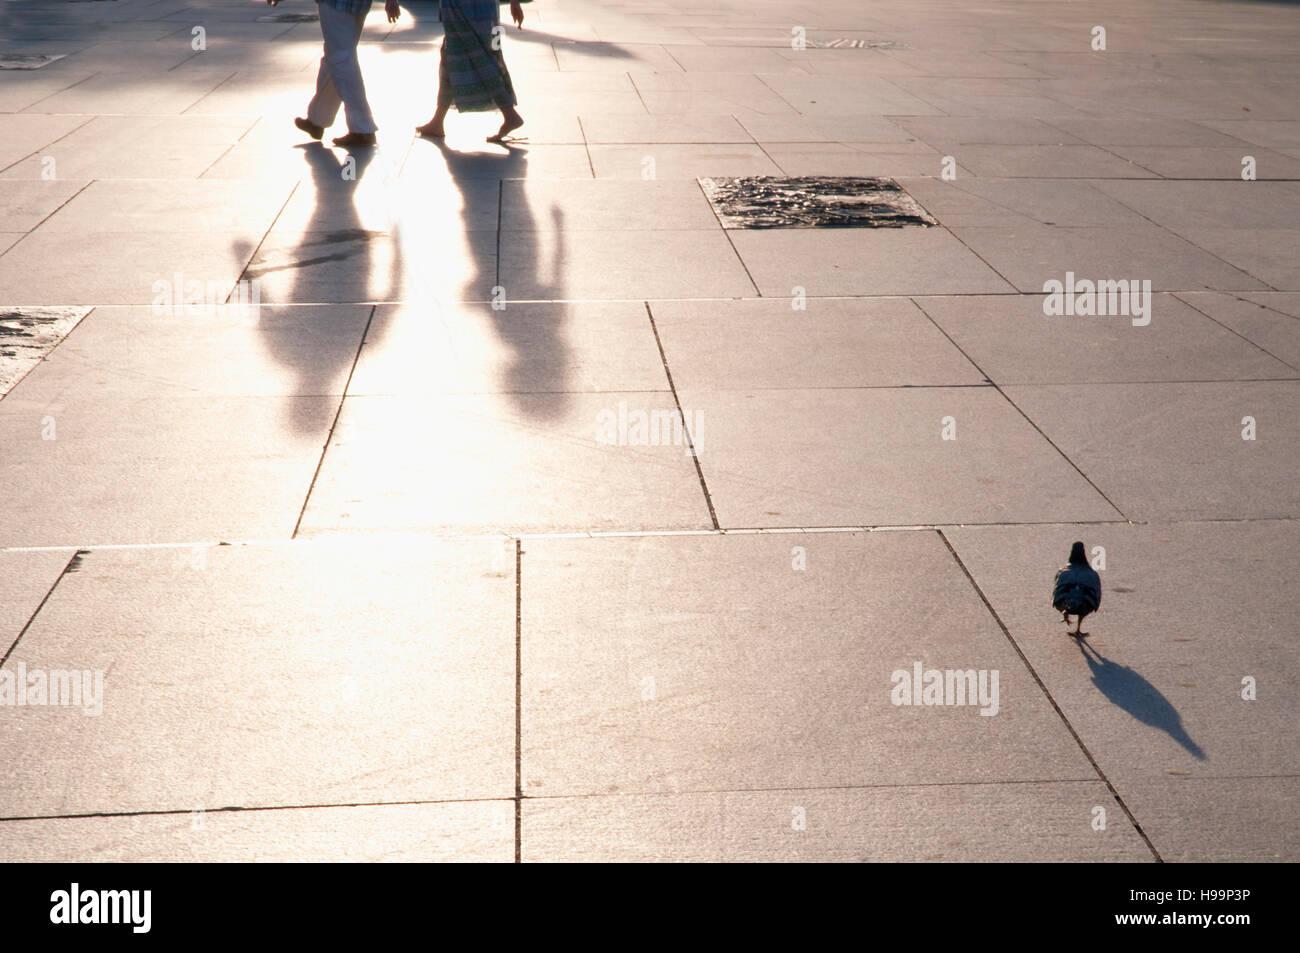 Shadows on pavement. Felipe II Avenue, Madrid, Spain. Stock Photo